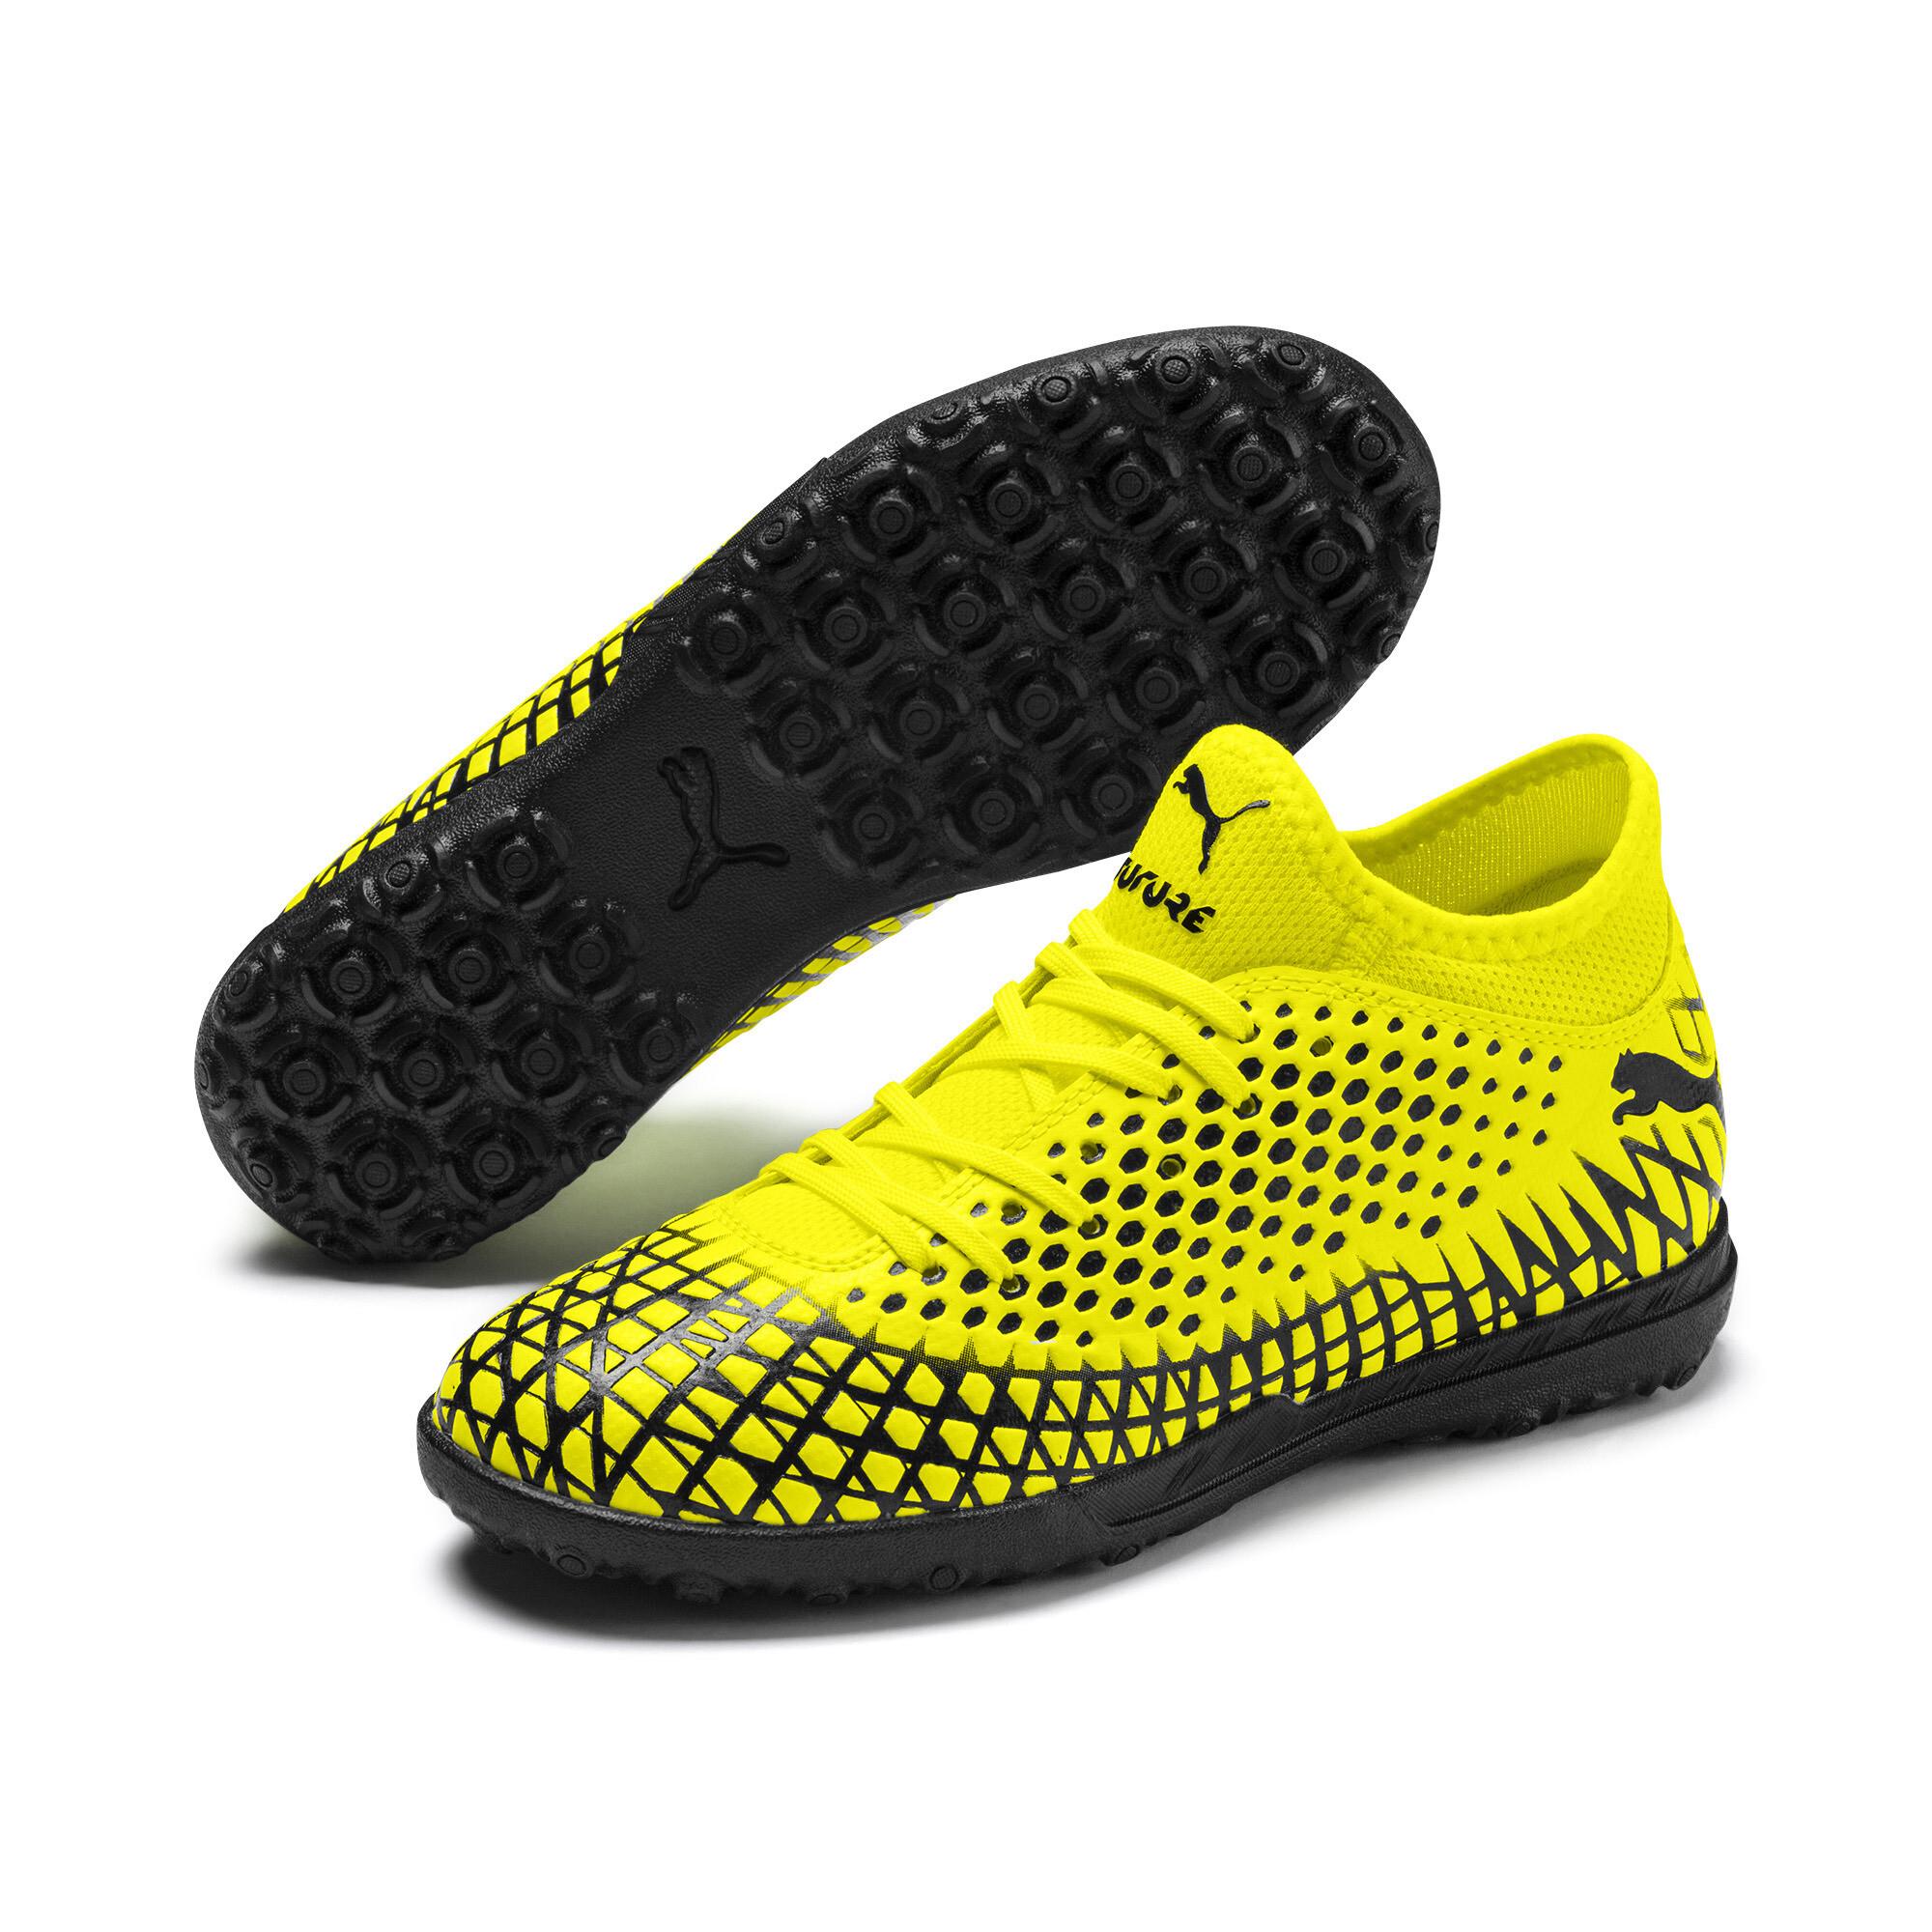 プーマ キッズ フューチャー 4.4 サッカー ターフトレーニング JR 18-24.5CM ユニセックス Yellow Alert-Puma Black  PUMA.com